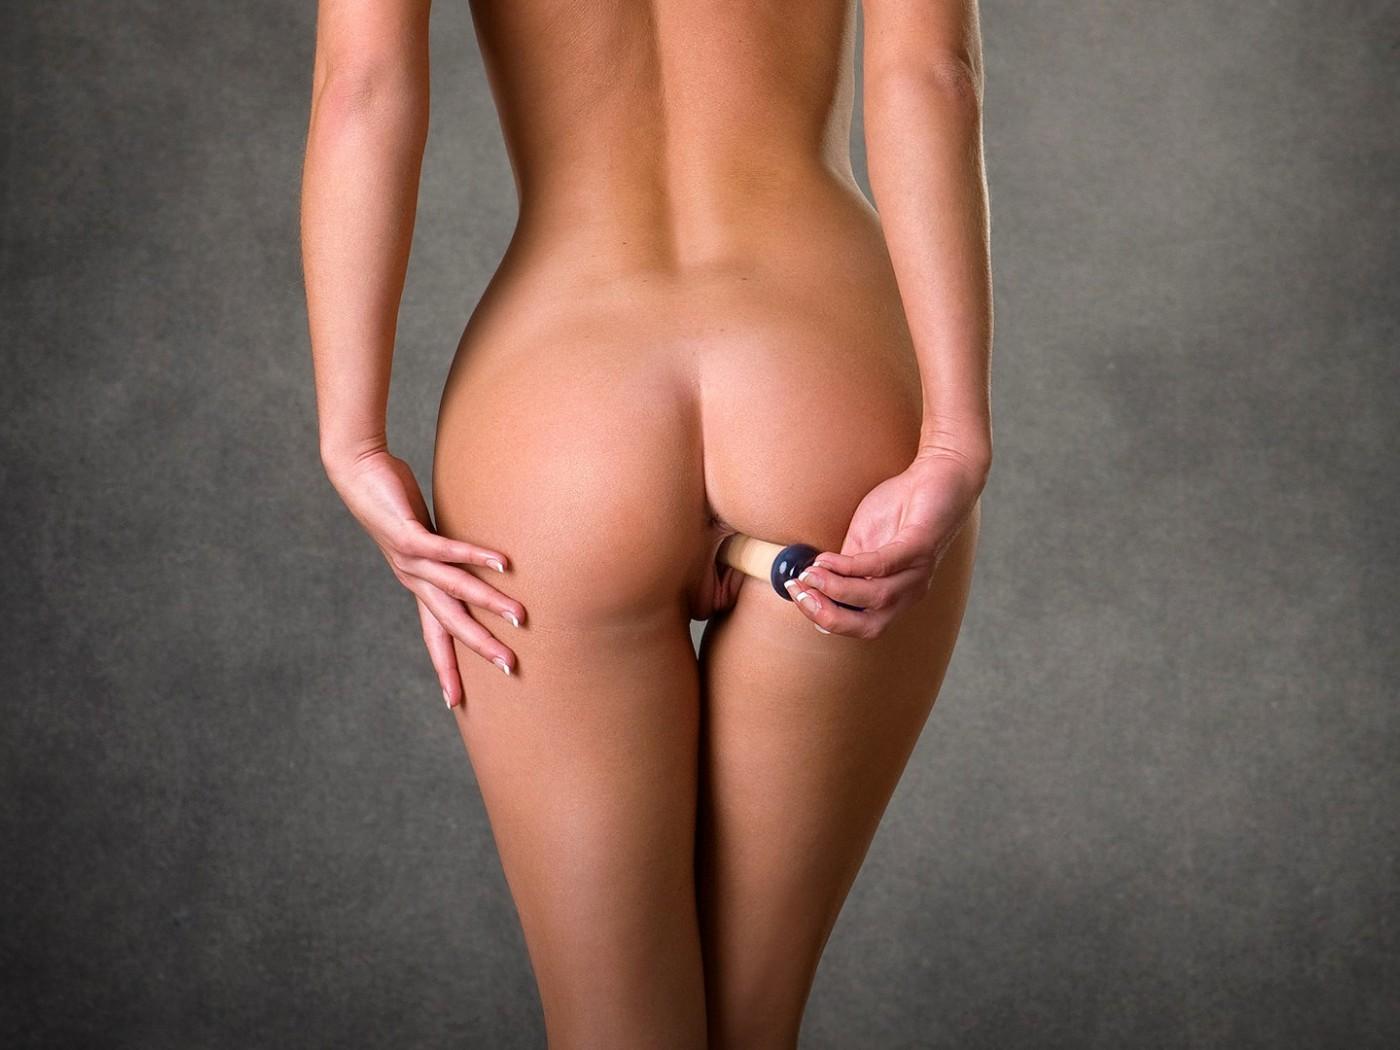 Фото попы худых девушек, Худая голая попа девушки - фото 9 фотография